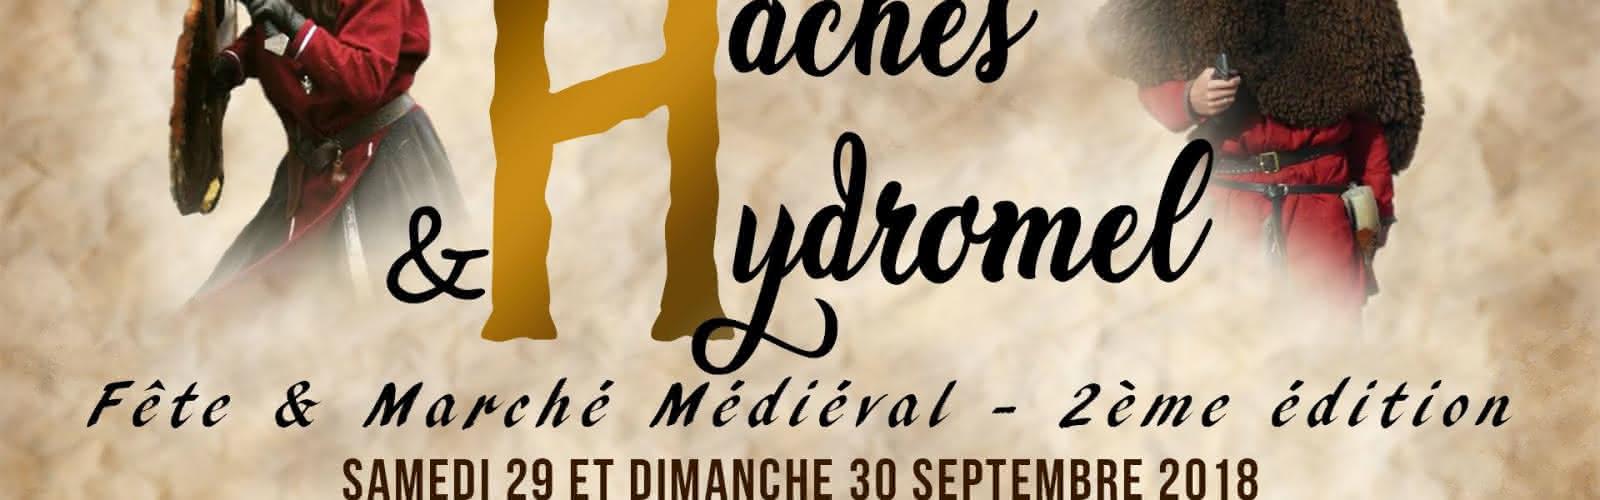 Haches & Hydromel - Fête & Marché Médiéval